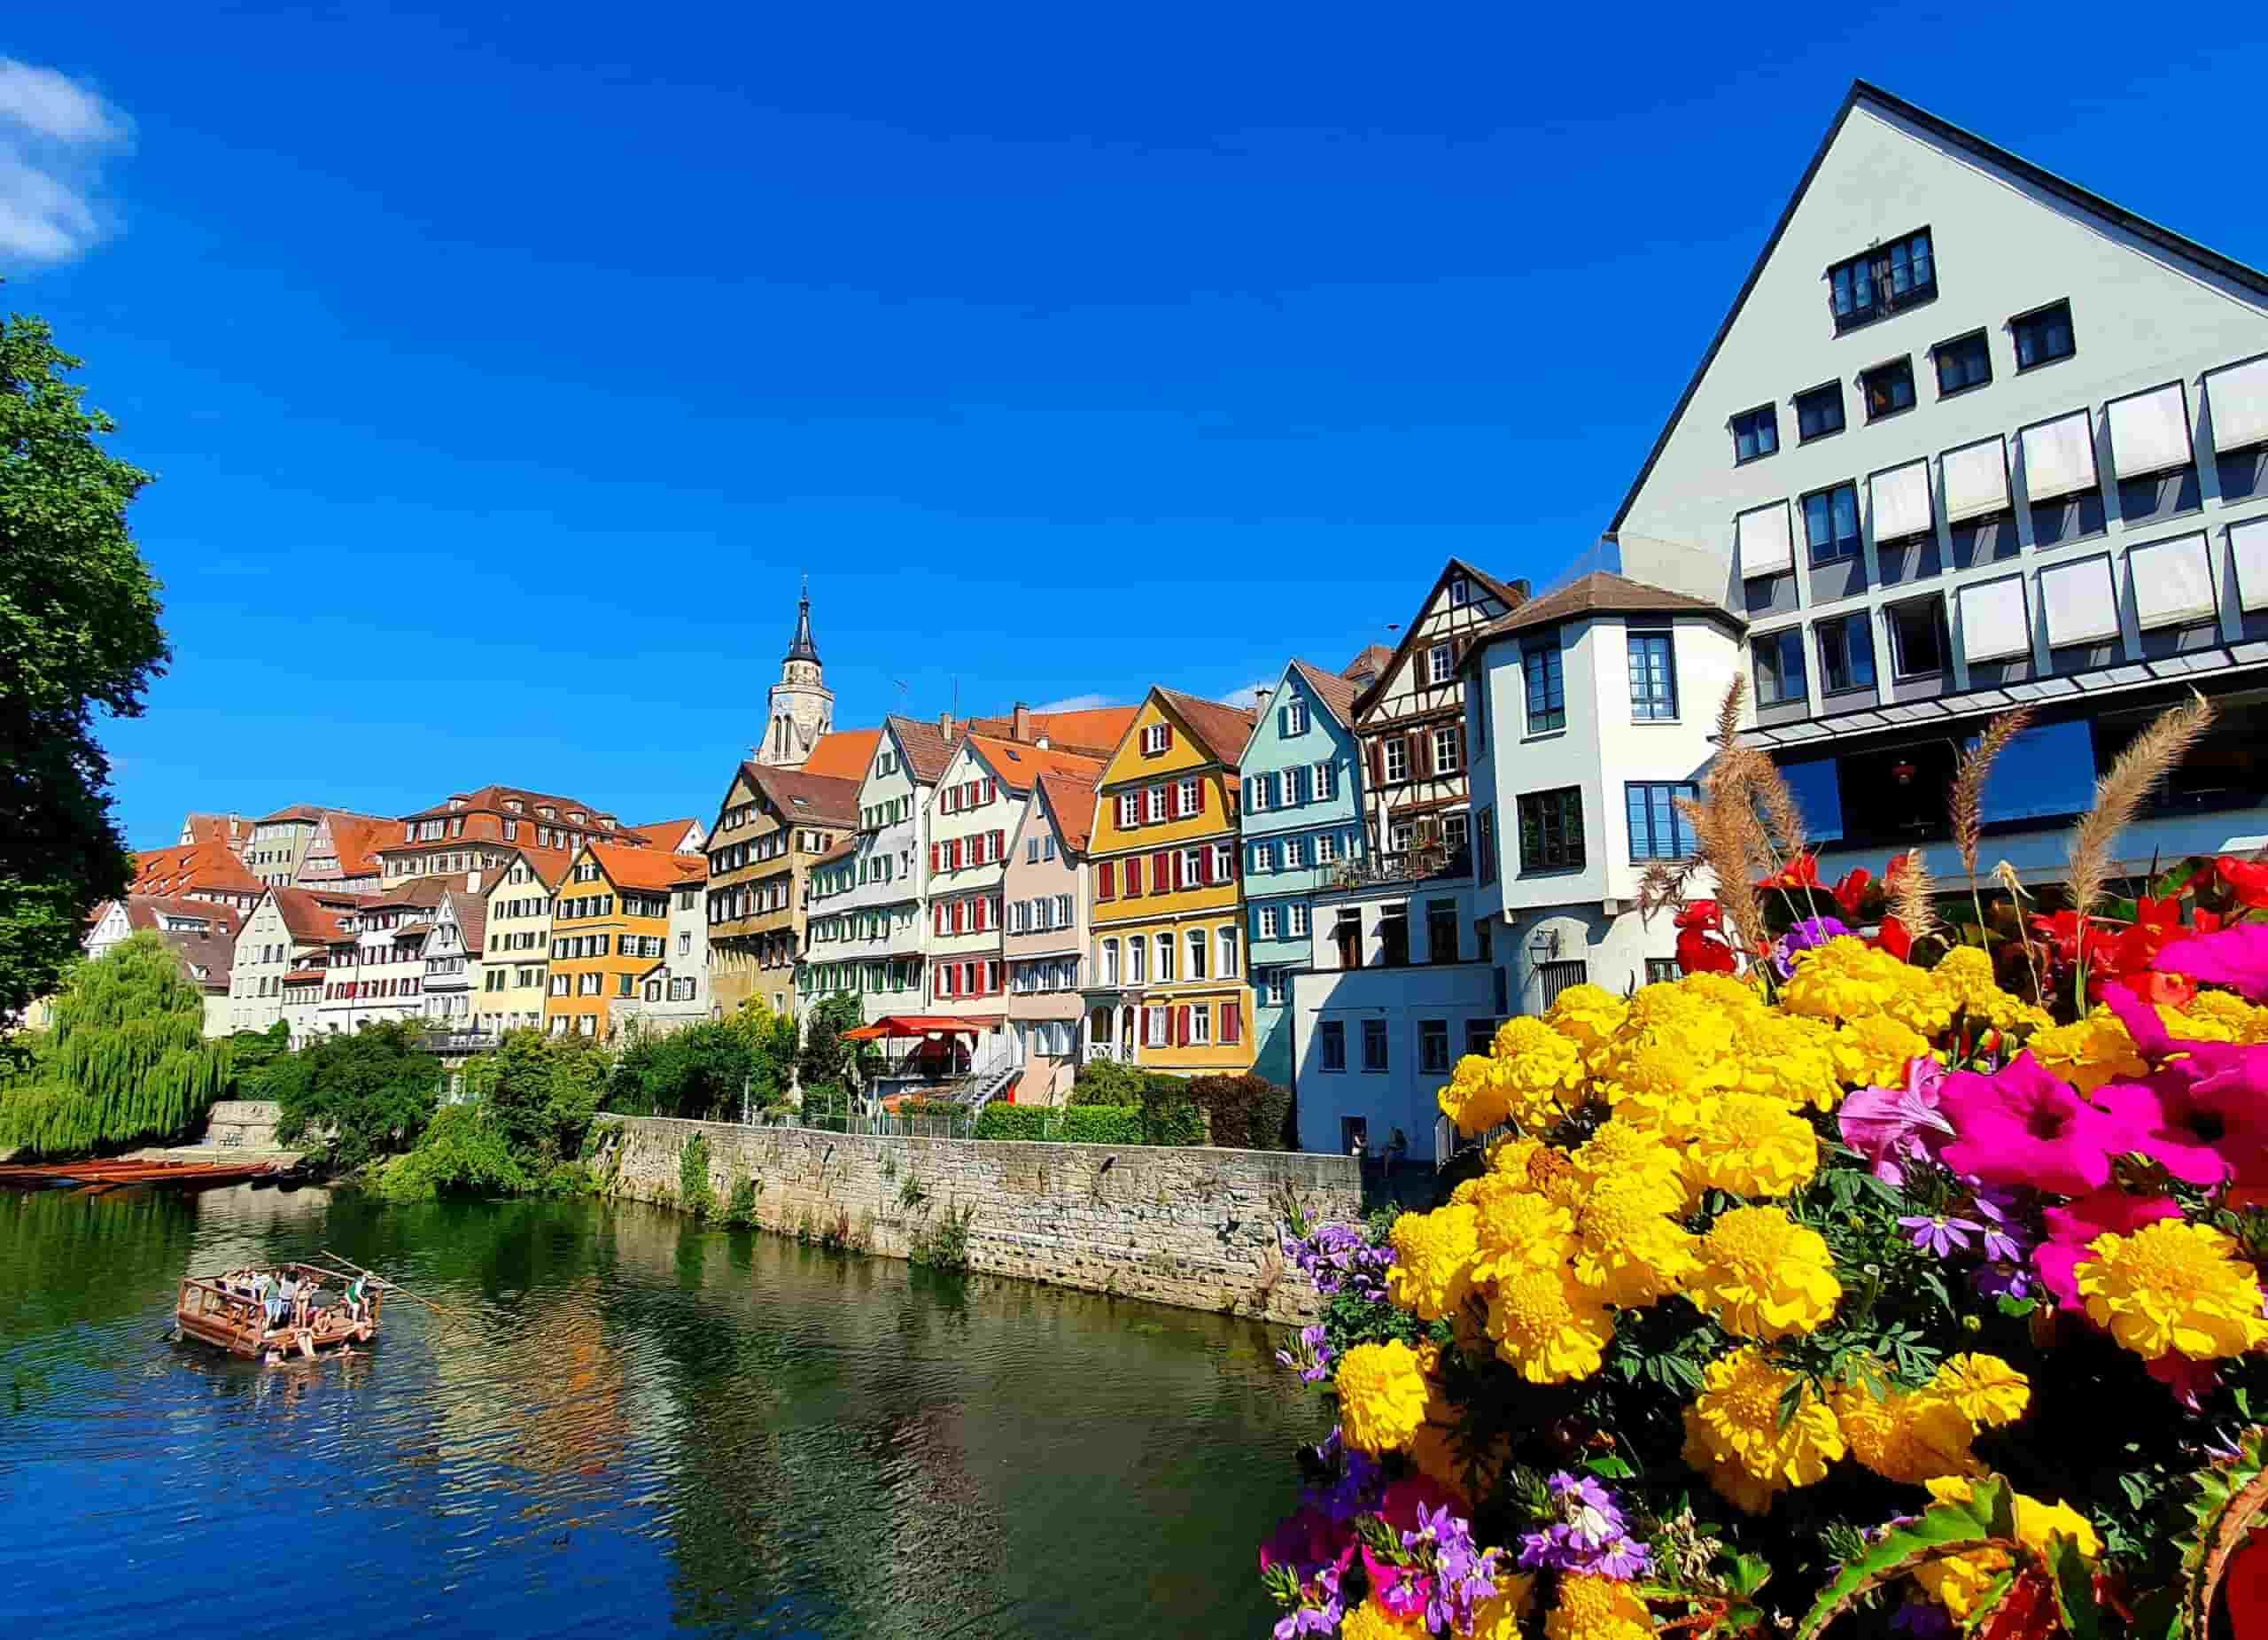 Du Lịch Đức Kết Hợp Pháp - Thụy Sĩ - Luxembourg Trọn Gói Giá Rẻ